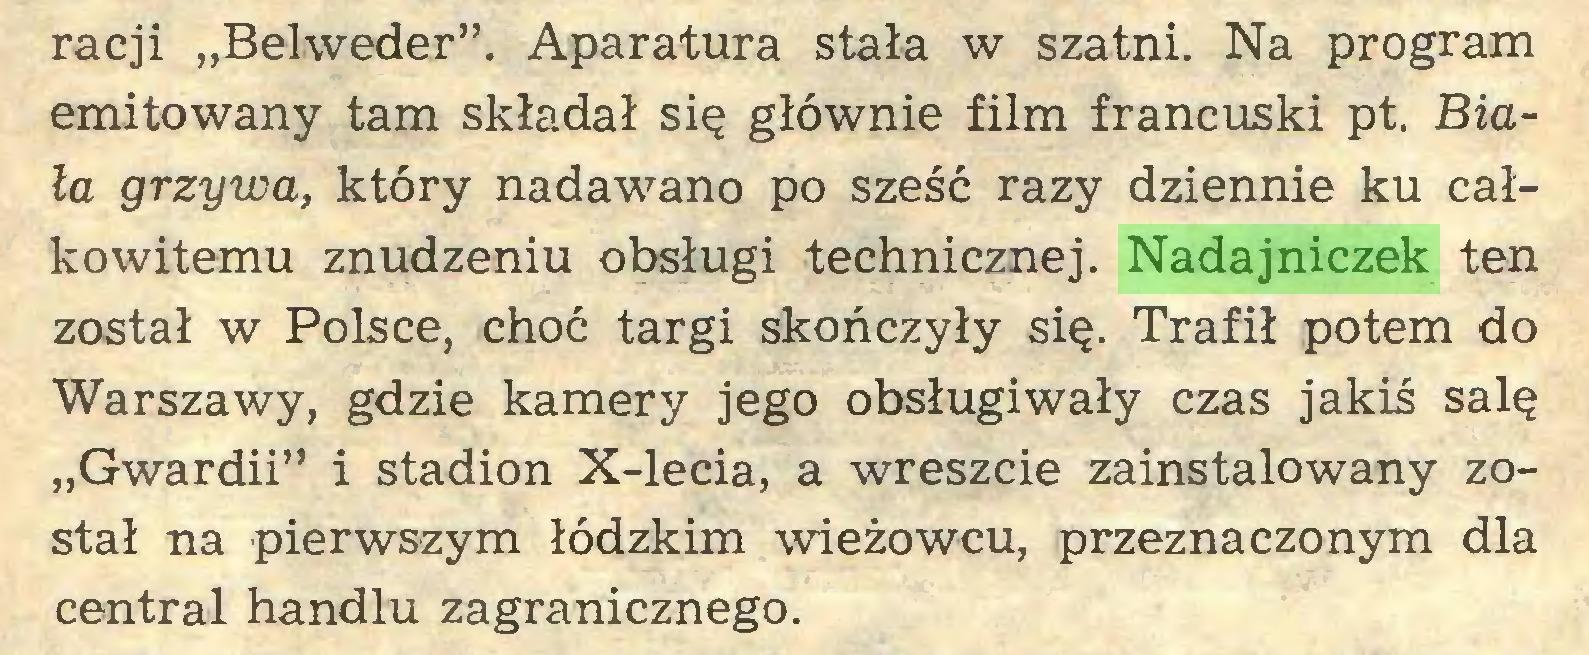 """(...) racji """"Belweder"""". Aparatura stała w szatni. Na program emitowany tam składał się głównie film francuski pt. Biała grzywa, który nadawano po sześć razy dziennie ku całkowitemu znudzeniu obsługi technicznej. Nadajniczek ten został w Polsce, choć targi skończyły się. Trafił potem do Warszawy, gdzie kamery jego obsługiwały czas jakiś salę """"Gwardii"""" i stadion X-lecia, a wreszcie zainstalowany został na pierwszym łódzkim wieżowcu, przeznaczonym dla central handlu zagranicznego..."""